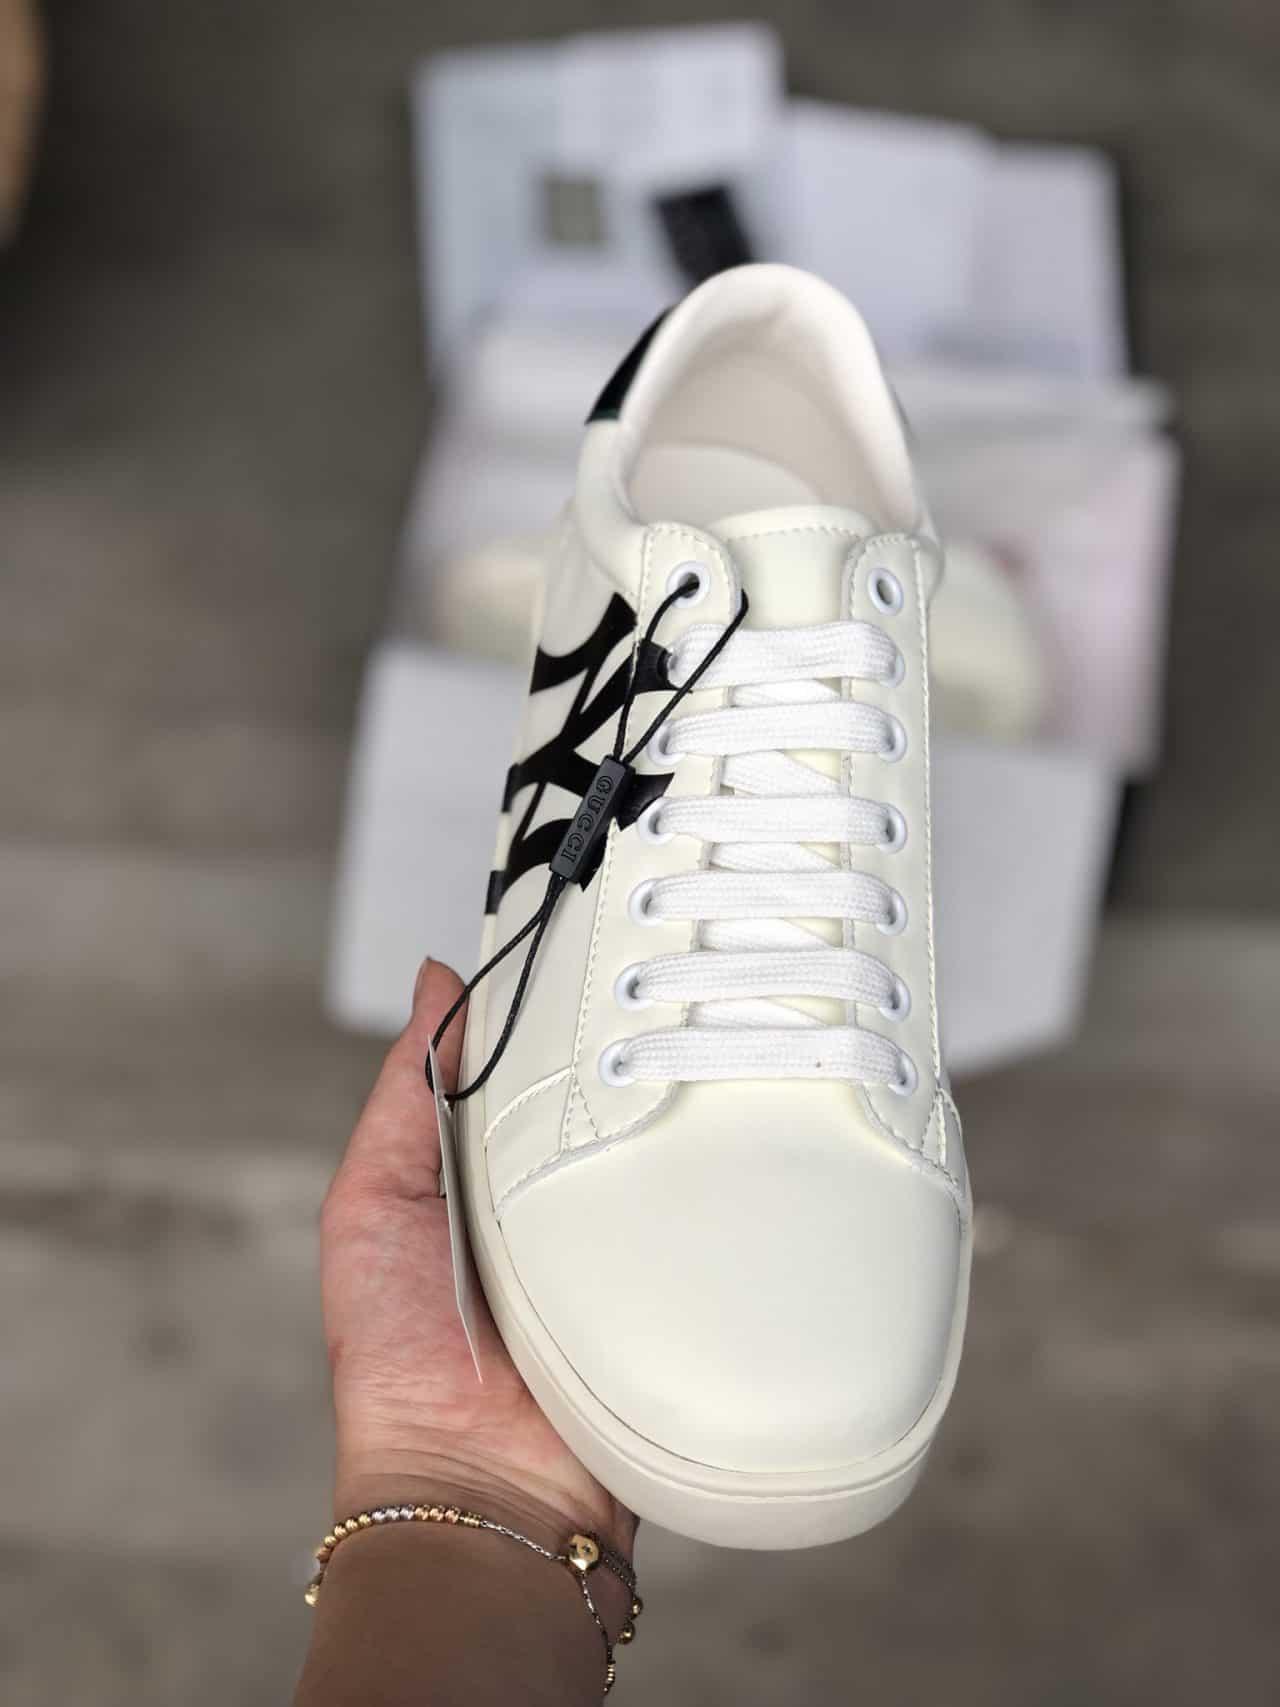 Giày Gucci ACE NY Rep 1:1 có hình ảnh chữ NY bắt mắt